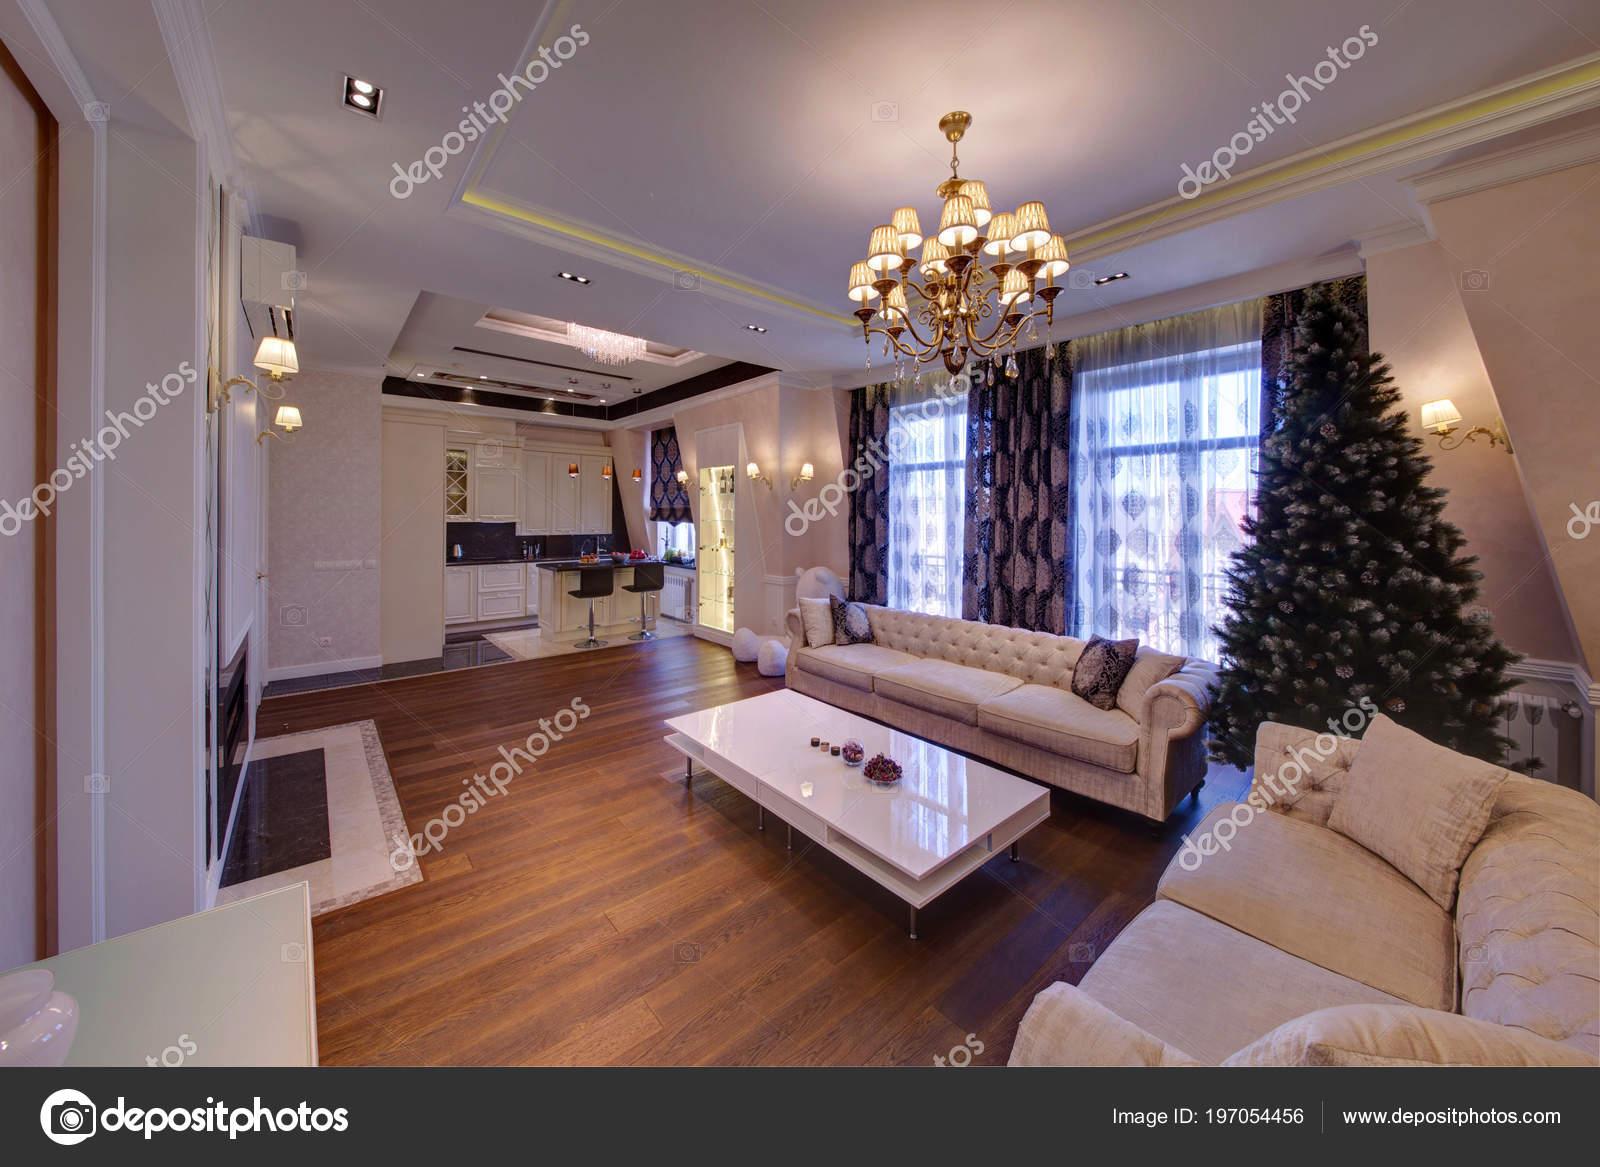 Das Geräumige Wohnzimmer Mit Hellen Möbeln Und Einem Dunklen Holzboden U2014  Foto Von Twins03